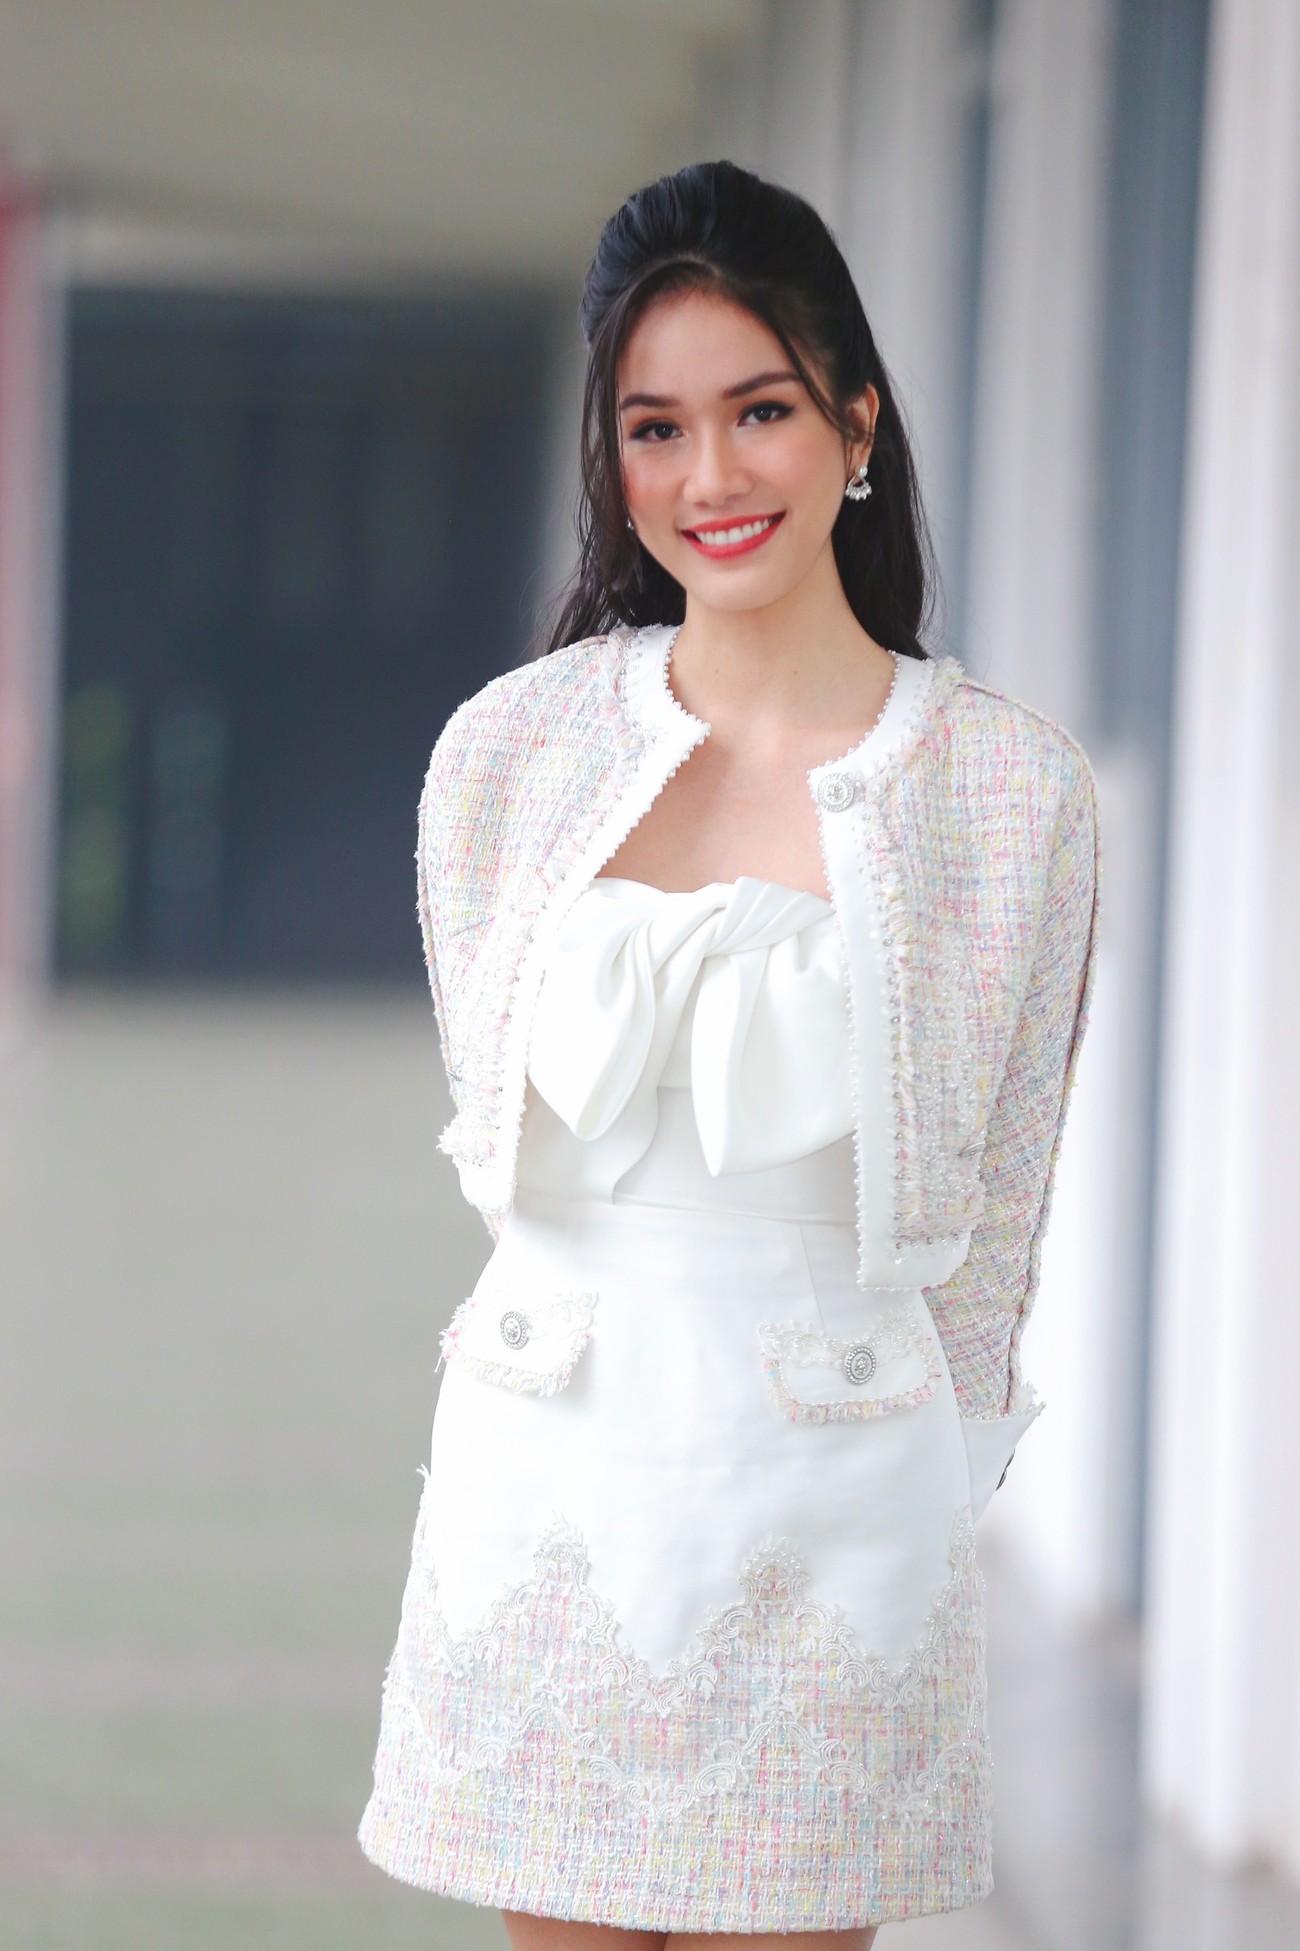 Hoa hậu Đỗ Thị Hà và Á hậu Phương Anh, Ngọc Thảo giản dị vẫn cực xinh đẹp ảnh 6